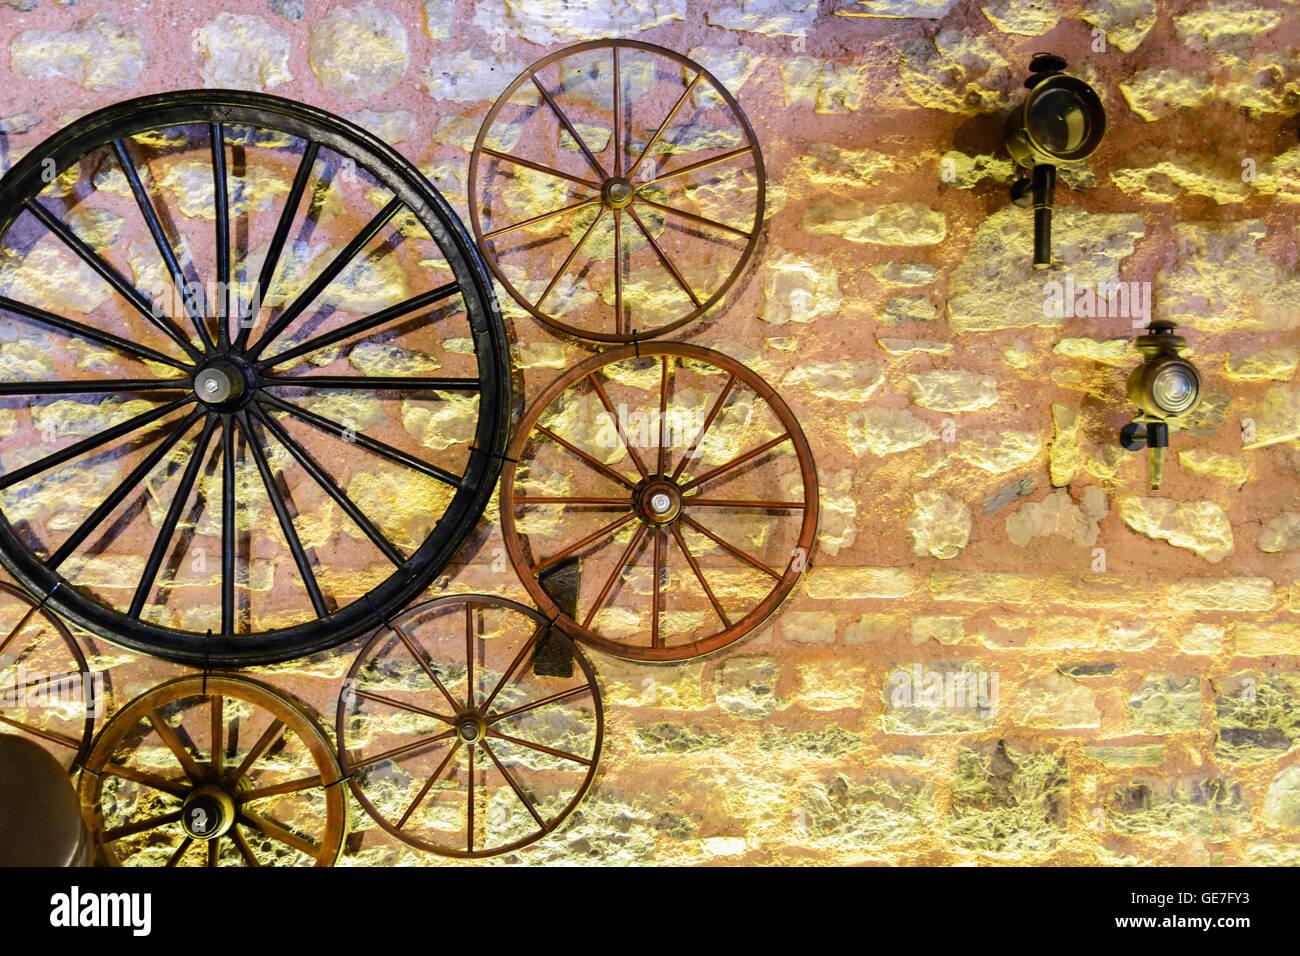 Old Wagon Wheel On Stone Stock Photos & Old Wagon Wheel On Stone ...